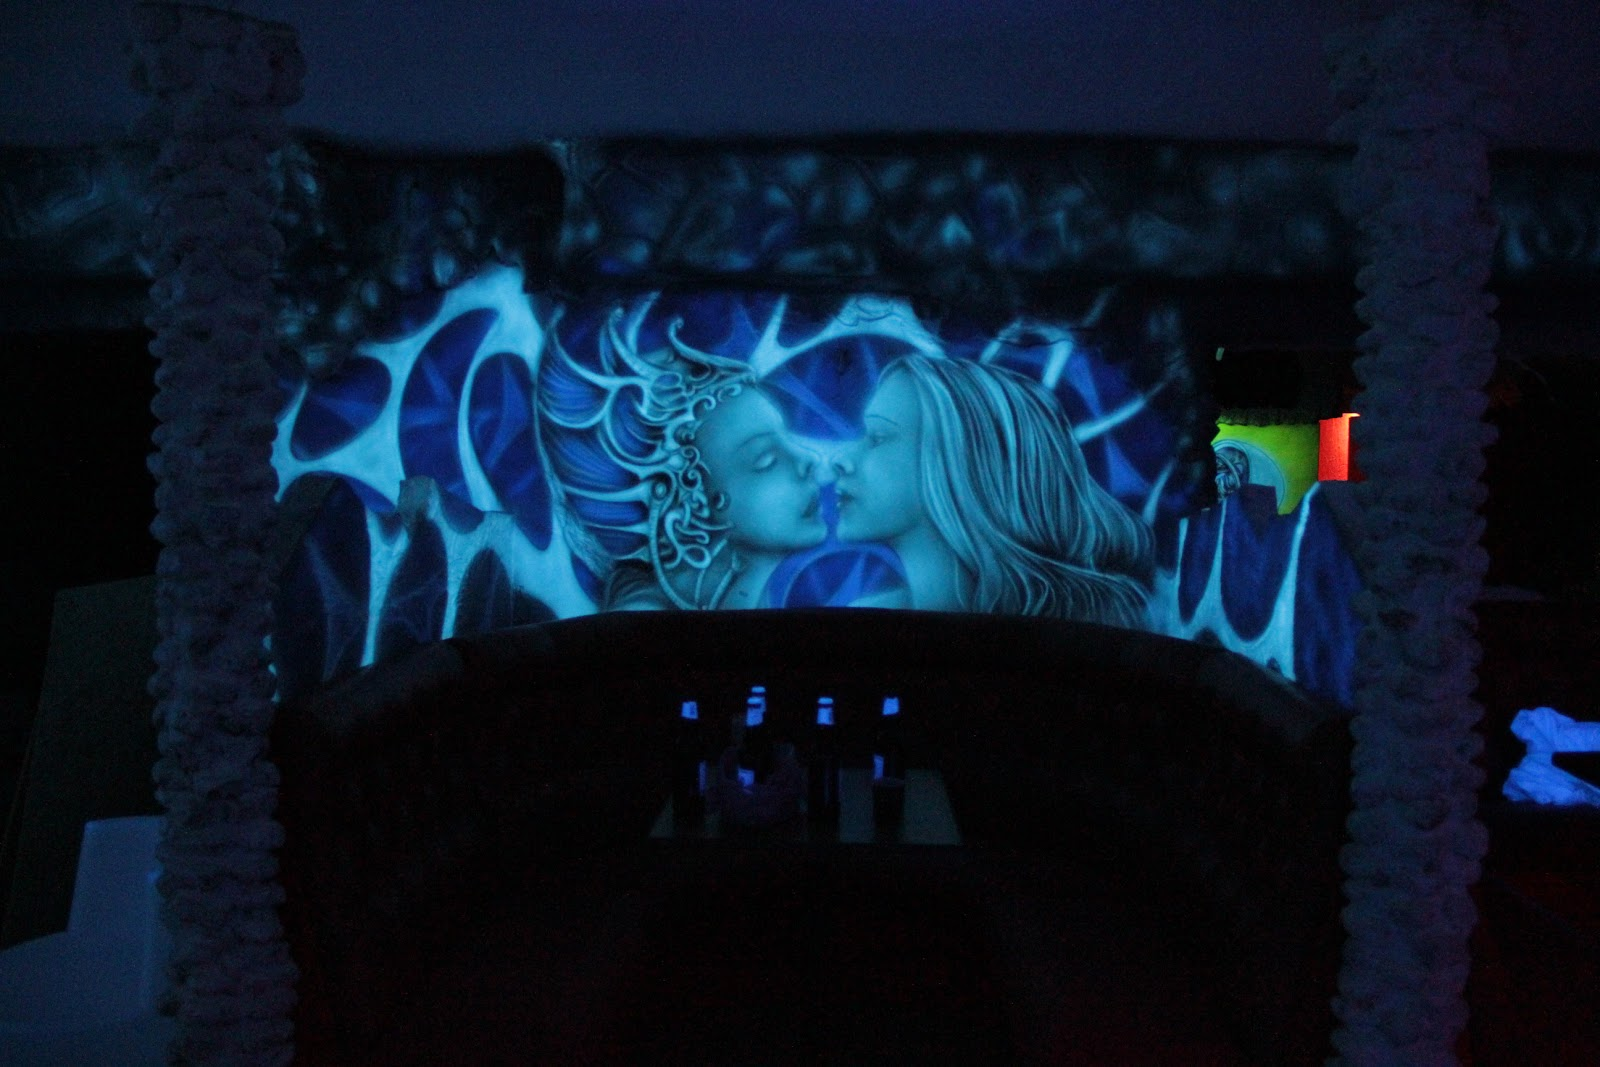 Artystyczne malowanie ścian w klubie Arctica w Płocku, Malowidło ścienne w klubie efekt luminescencji, black light murals